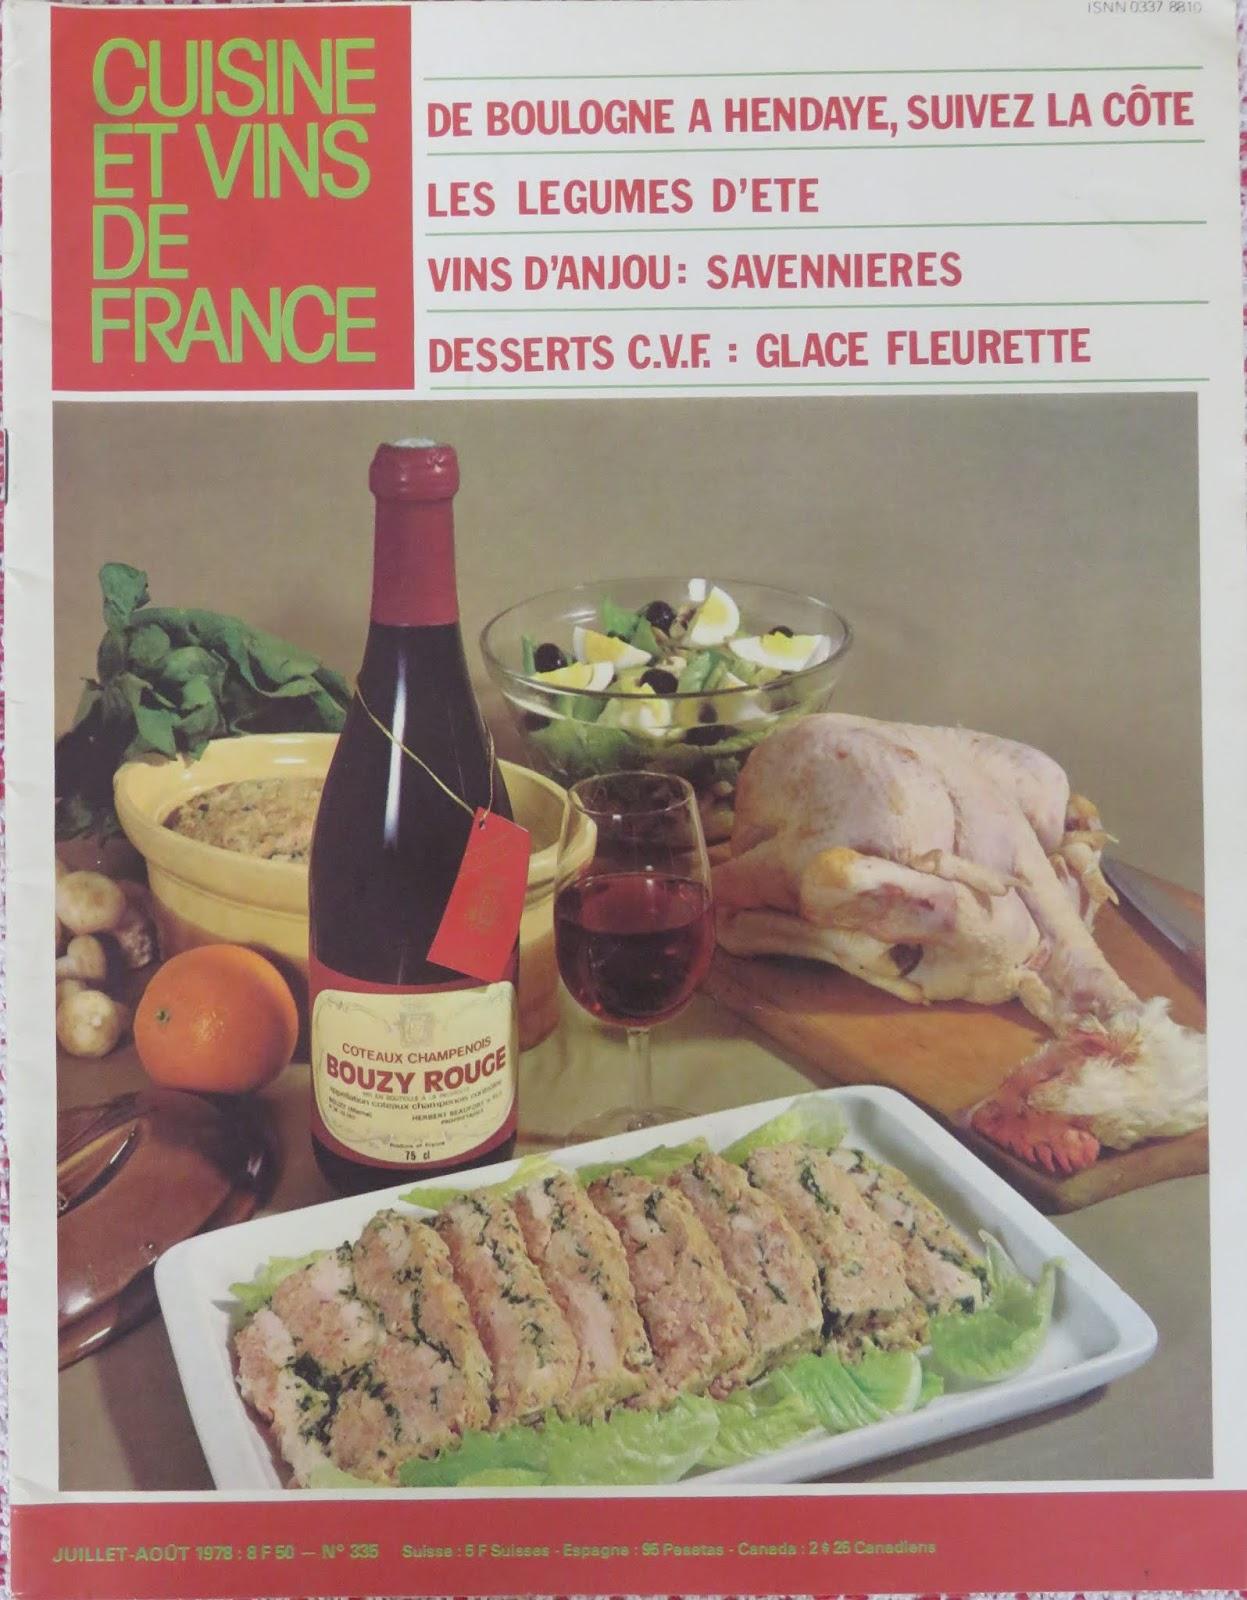 Mae S Food Blog Cuisine Et Vins De France A Classic French Cooking